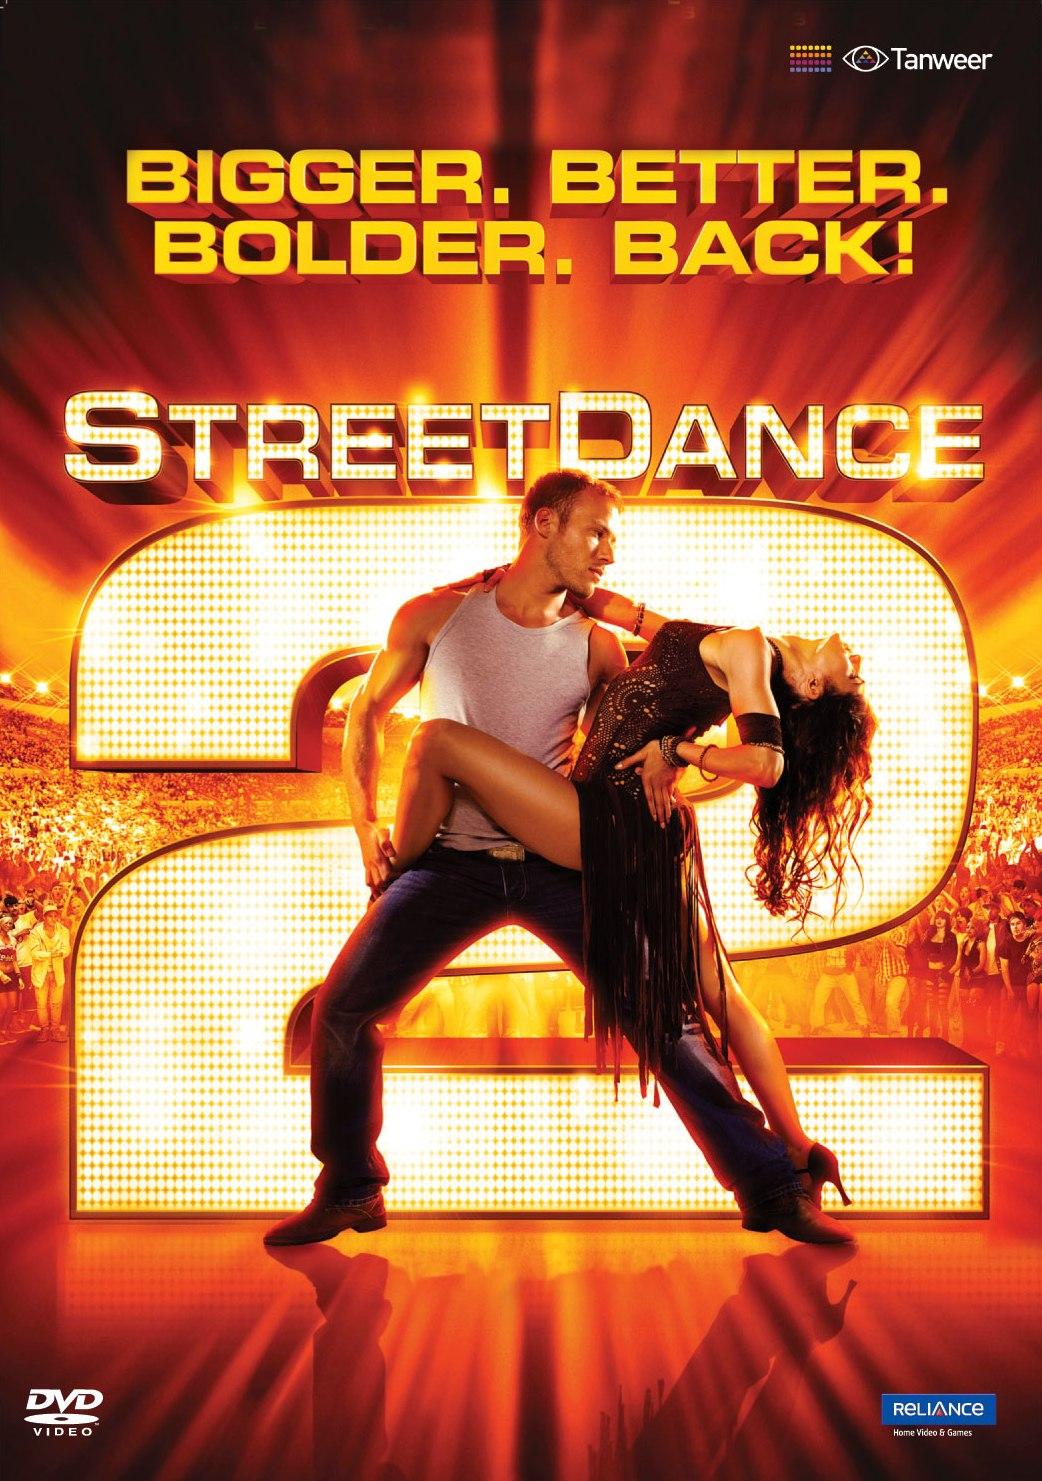 Nessa sequencia do primeiro filme novamente é seguida a fórmula de misturar um estilo de dança com street dance. No primeiro foi o Ballet, no segundo é a Salsa (aquele ritmo démodé). Essa mistura...